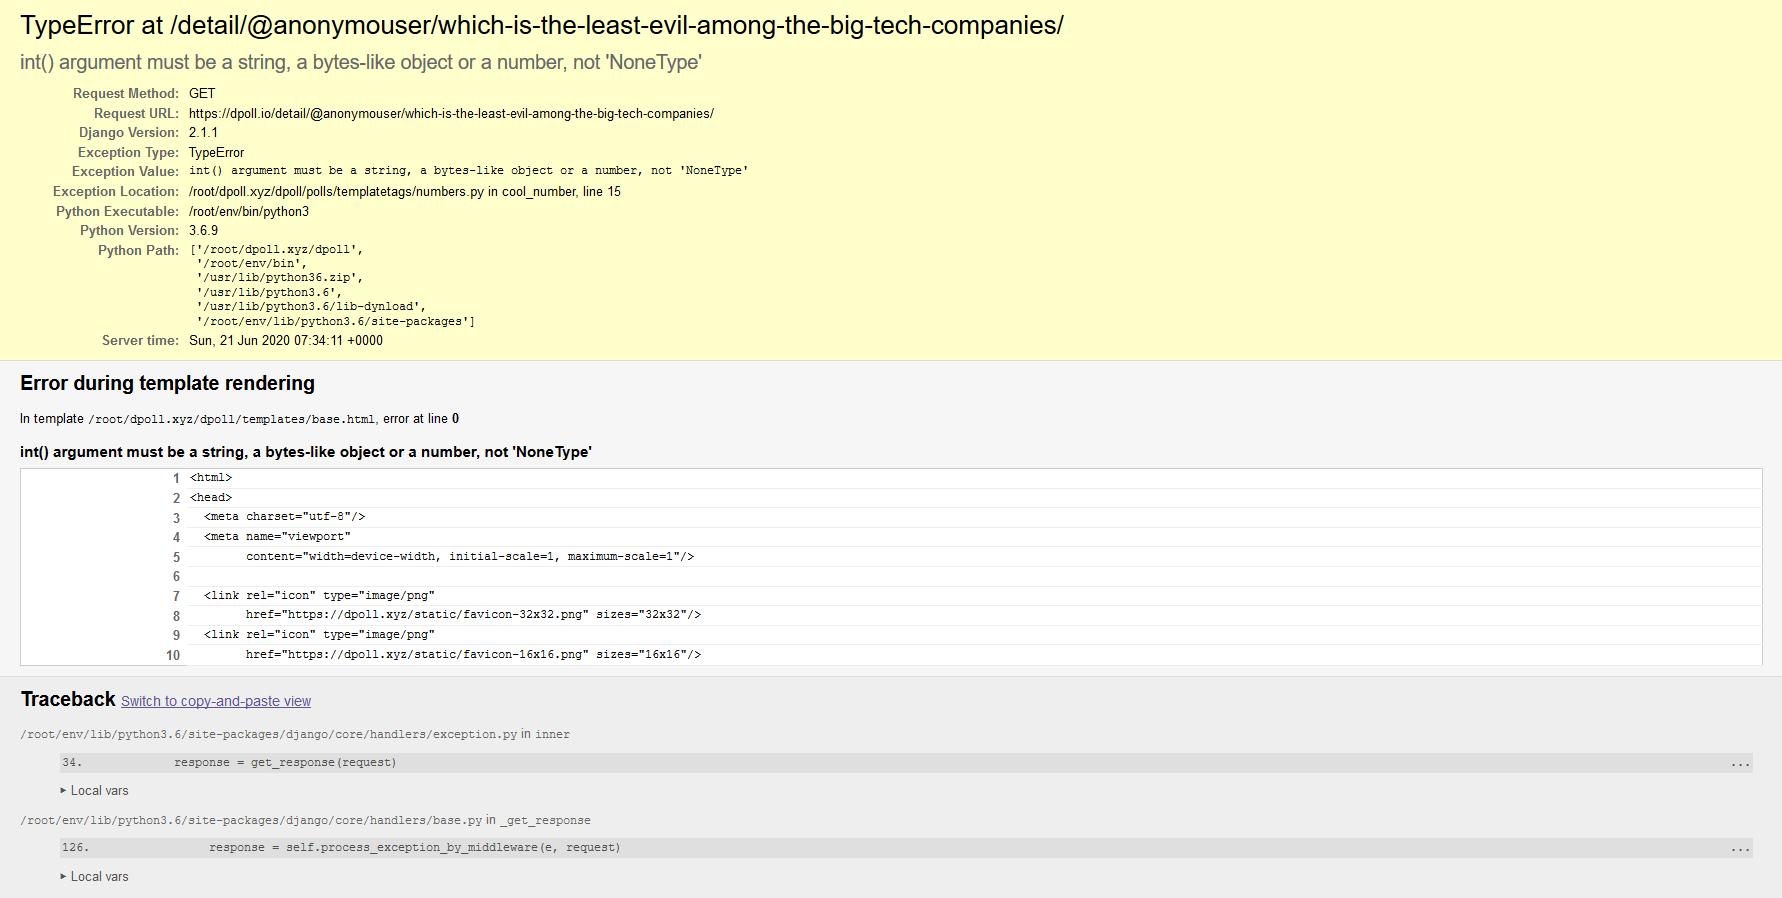 Error page at dPoll.io